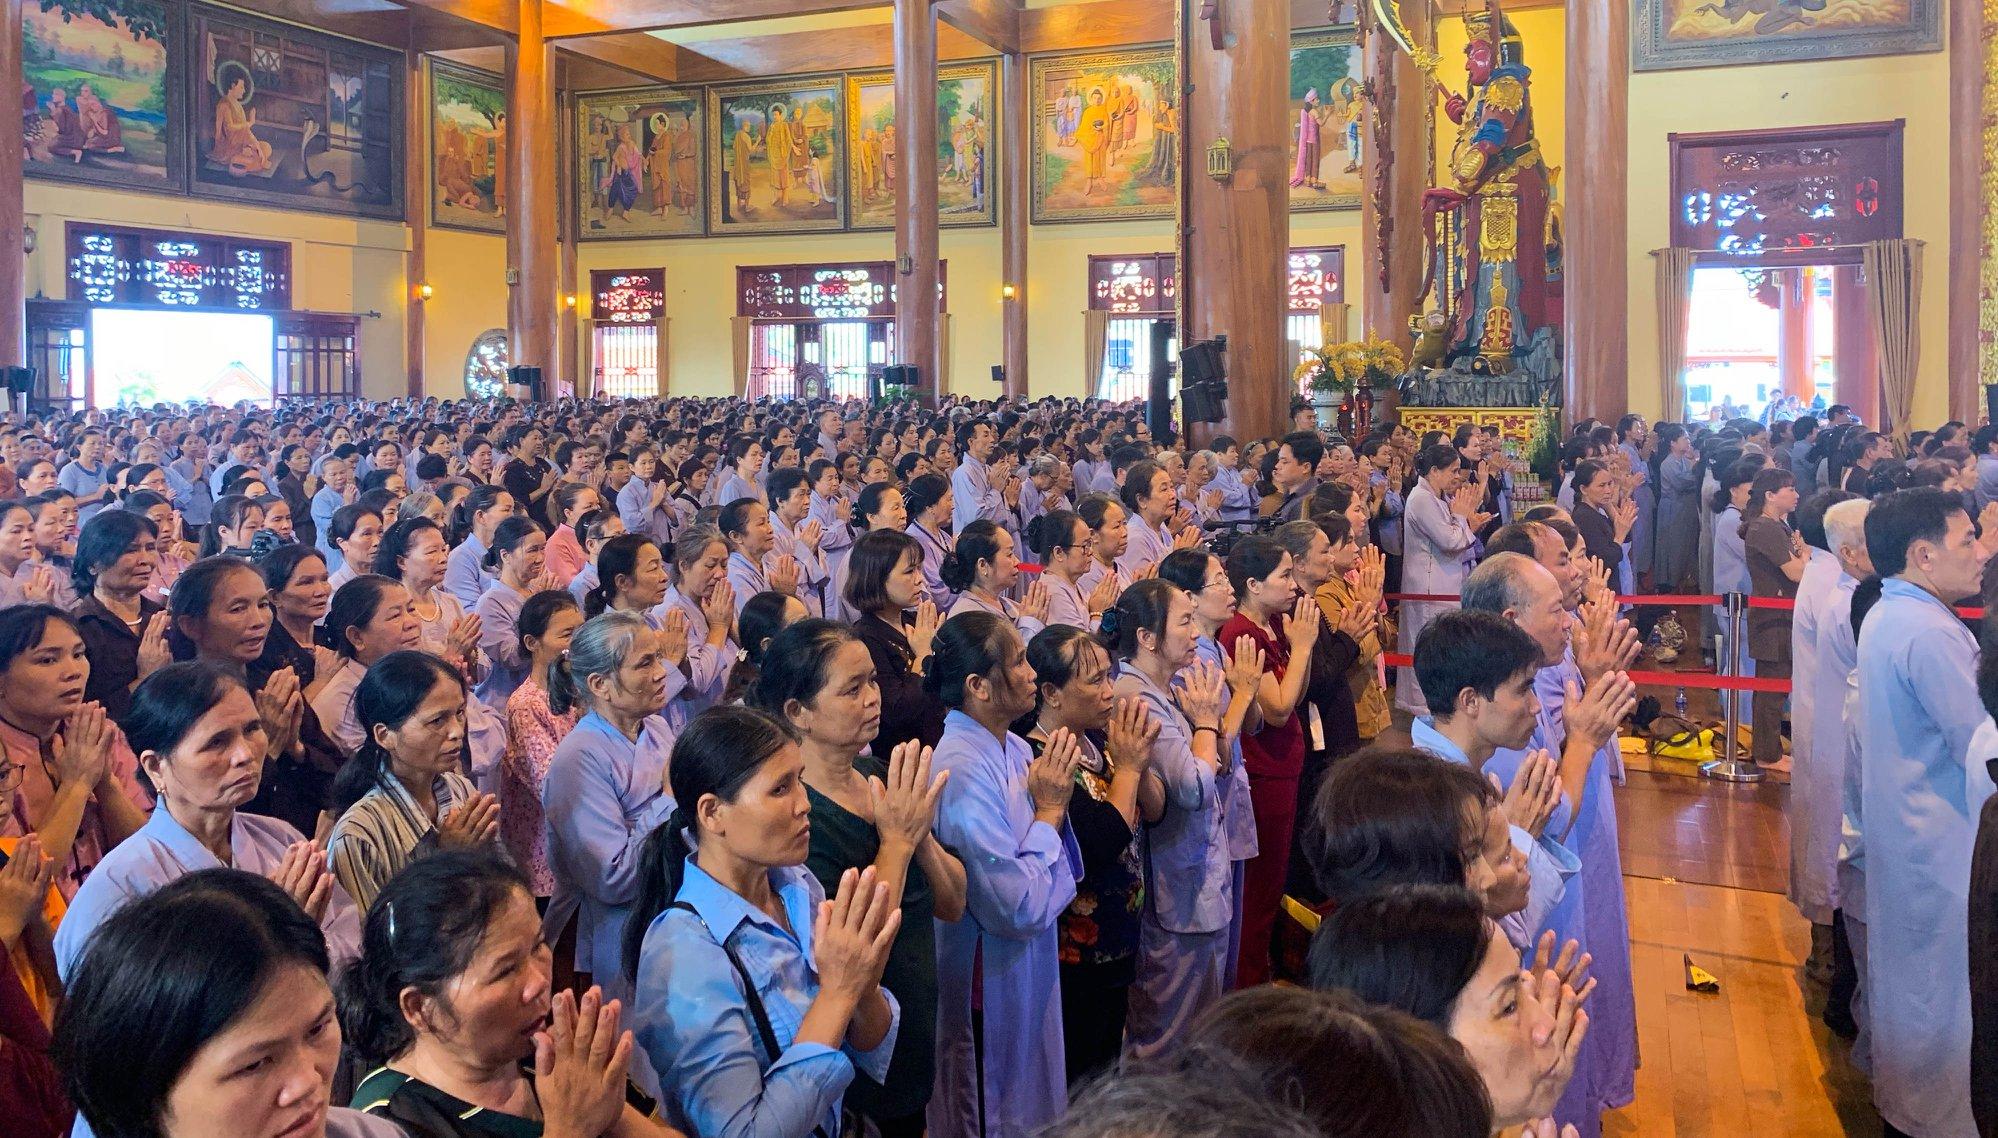 Các Phật tử chắp tay trang nghiêm trong buổi Lễ Vu Lan 2019